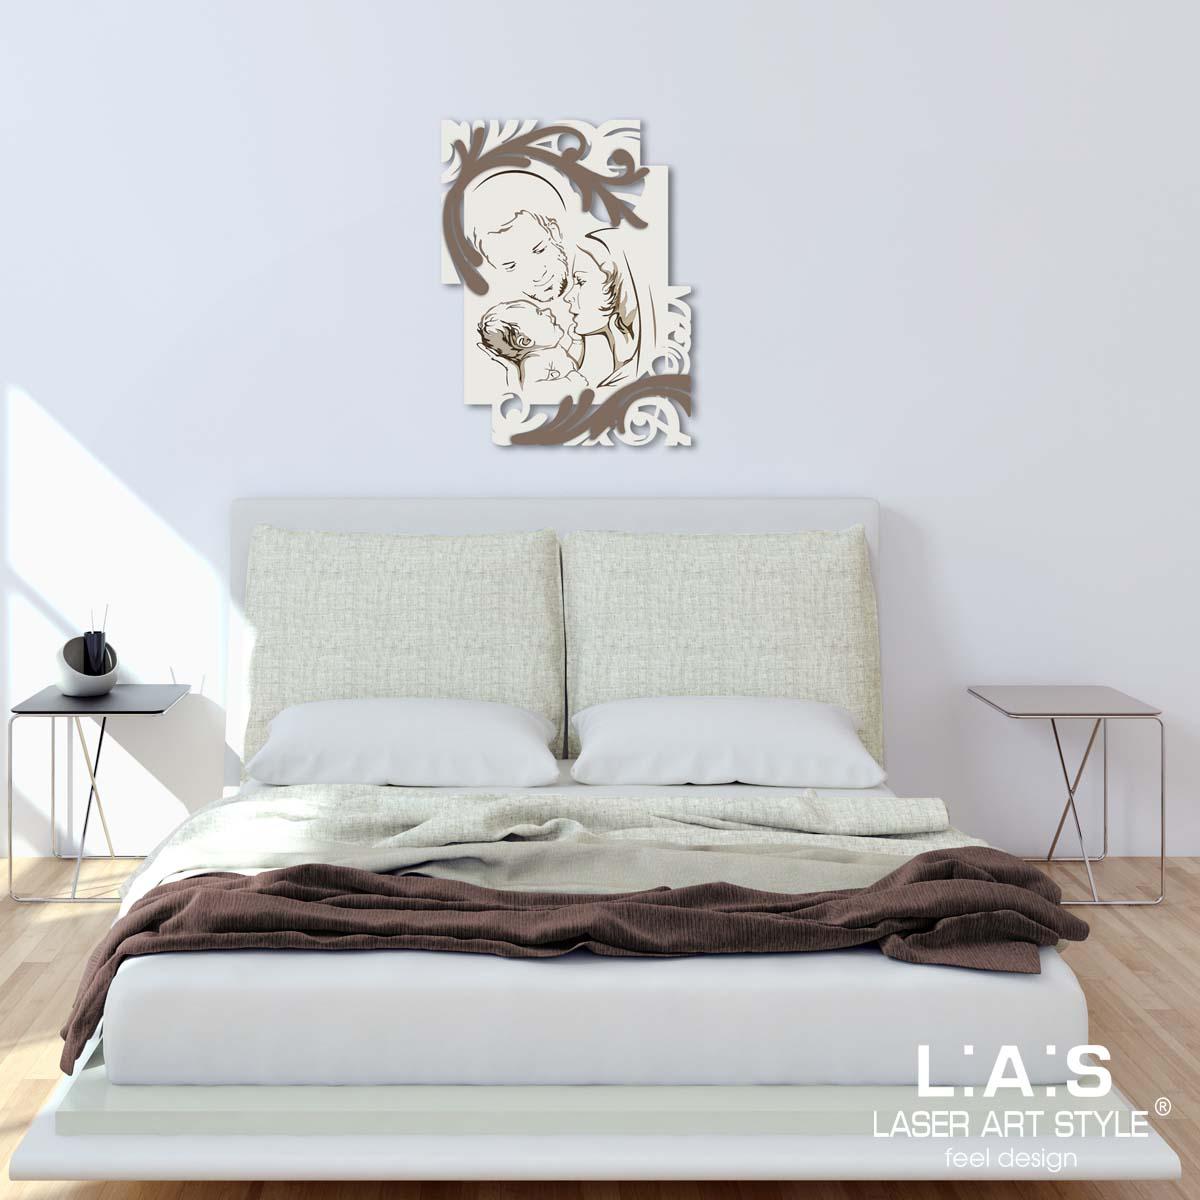 L:A:S - Laser Art Style - CAPEZZALE DESIGN MODERNO – SI-237 PANNA-GRIGIO MARRONE